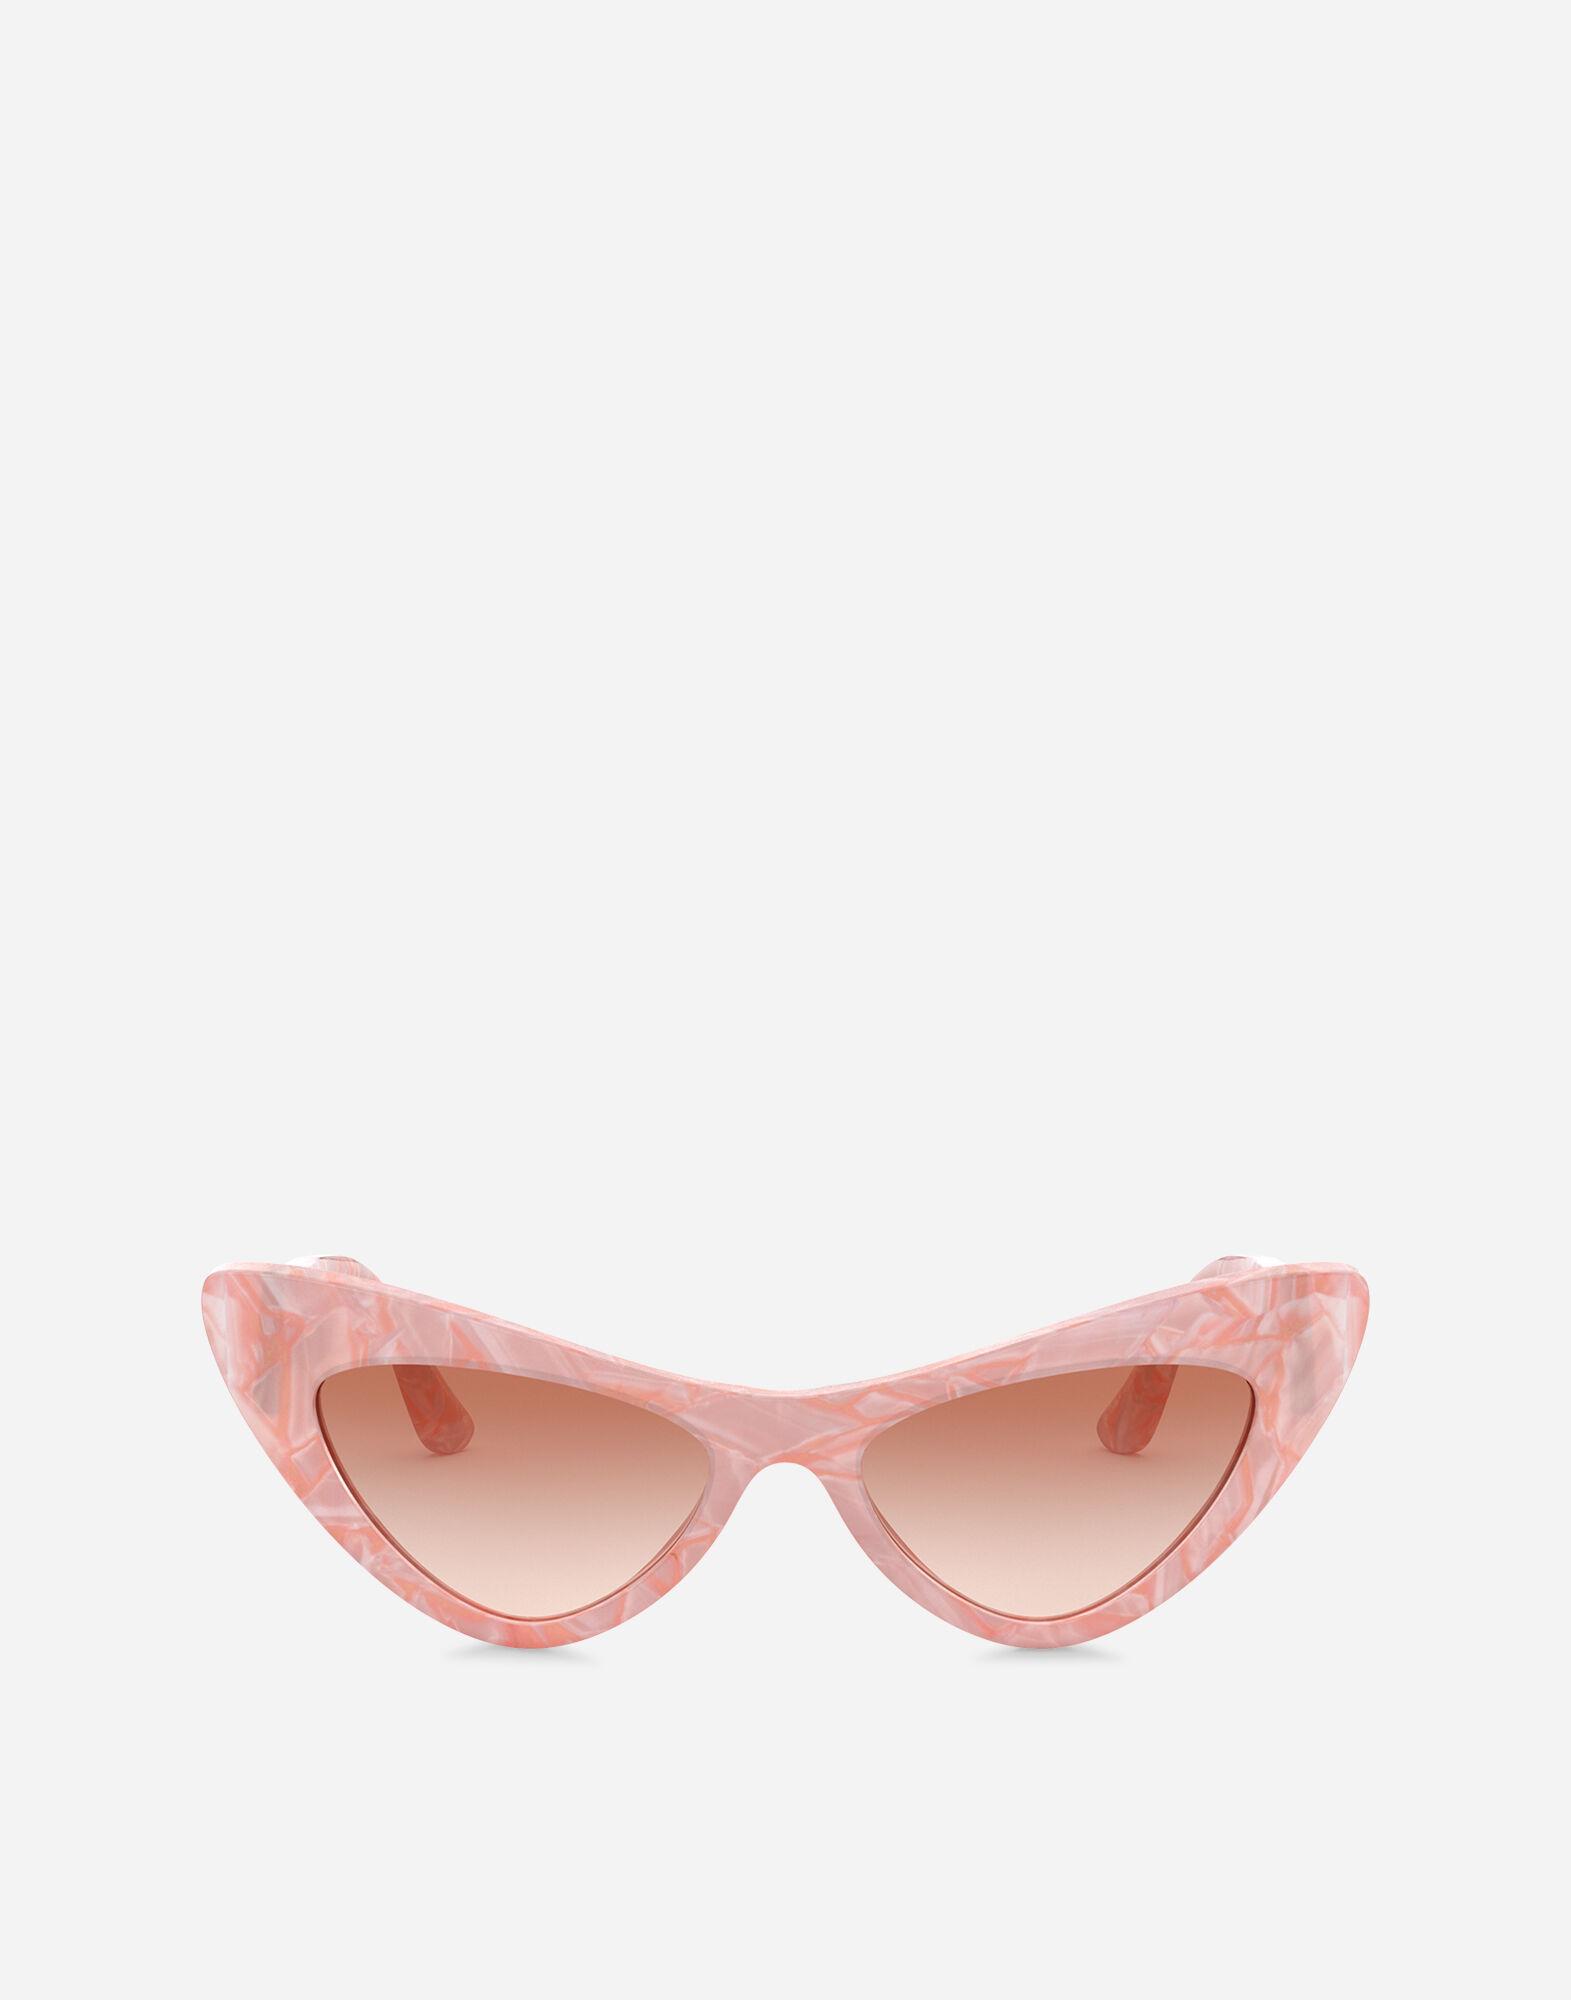 SunglassesDolce SunglassesDolce amp;gabbana SunglassesDolce Women's Women's amp;gabbana Women's amp;gabbana gf7y6Yb